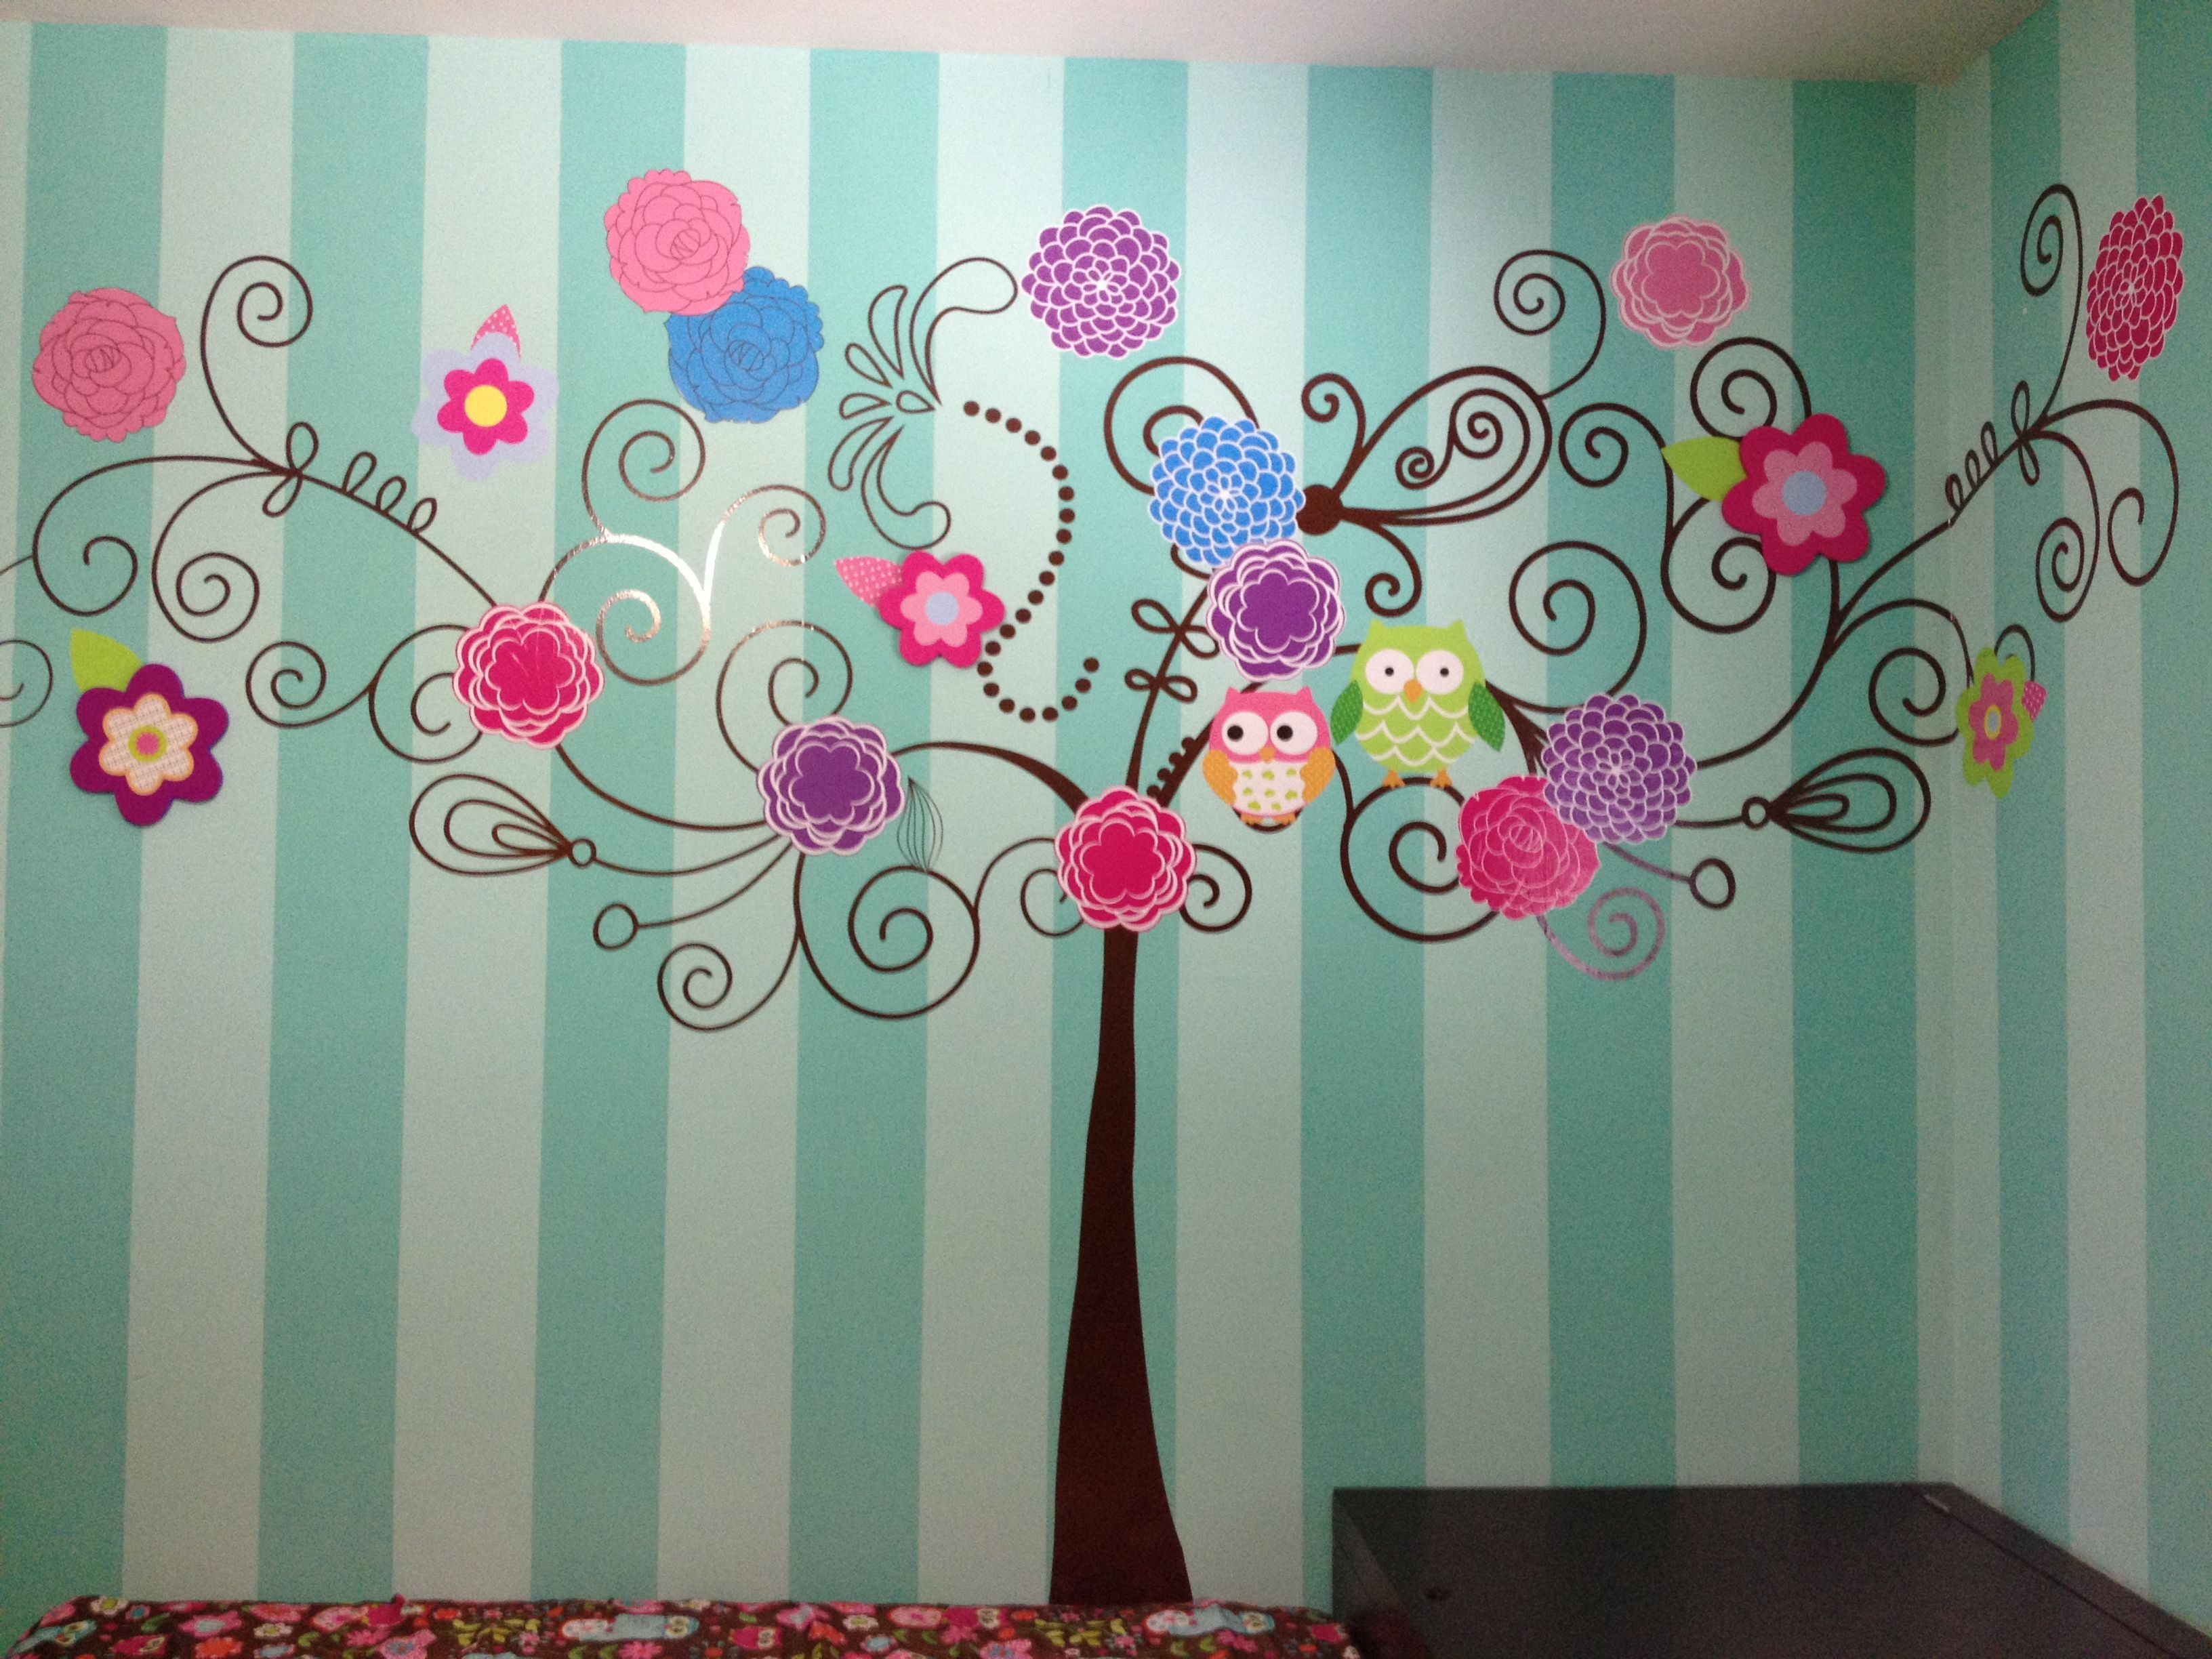 Vinil decorativo con flores de madera decoradas dise os - Decoraciones para paredes ...